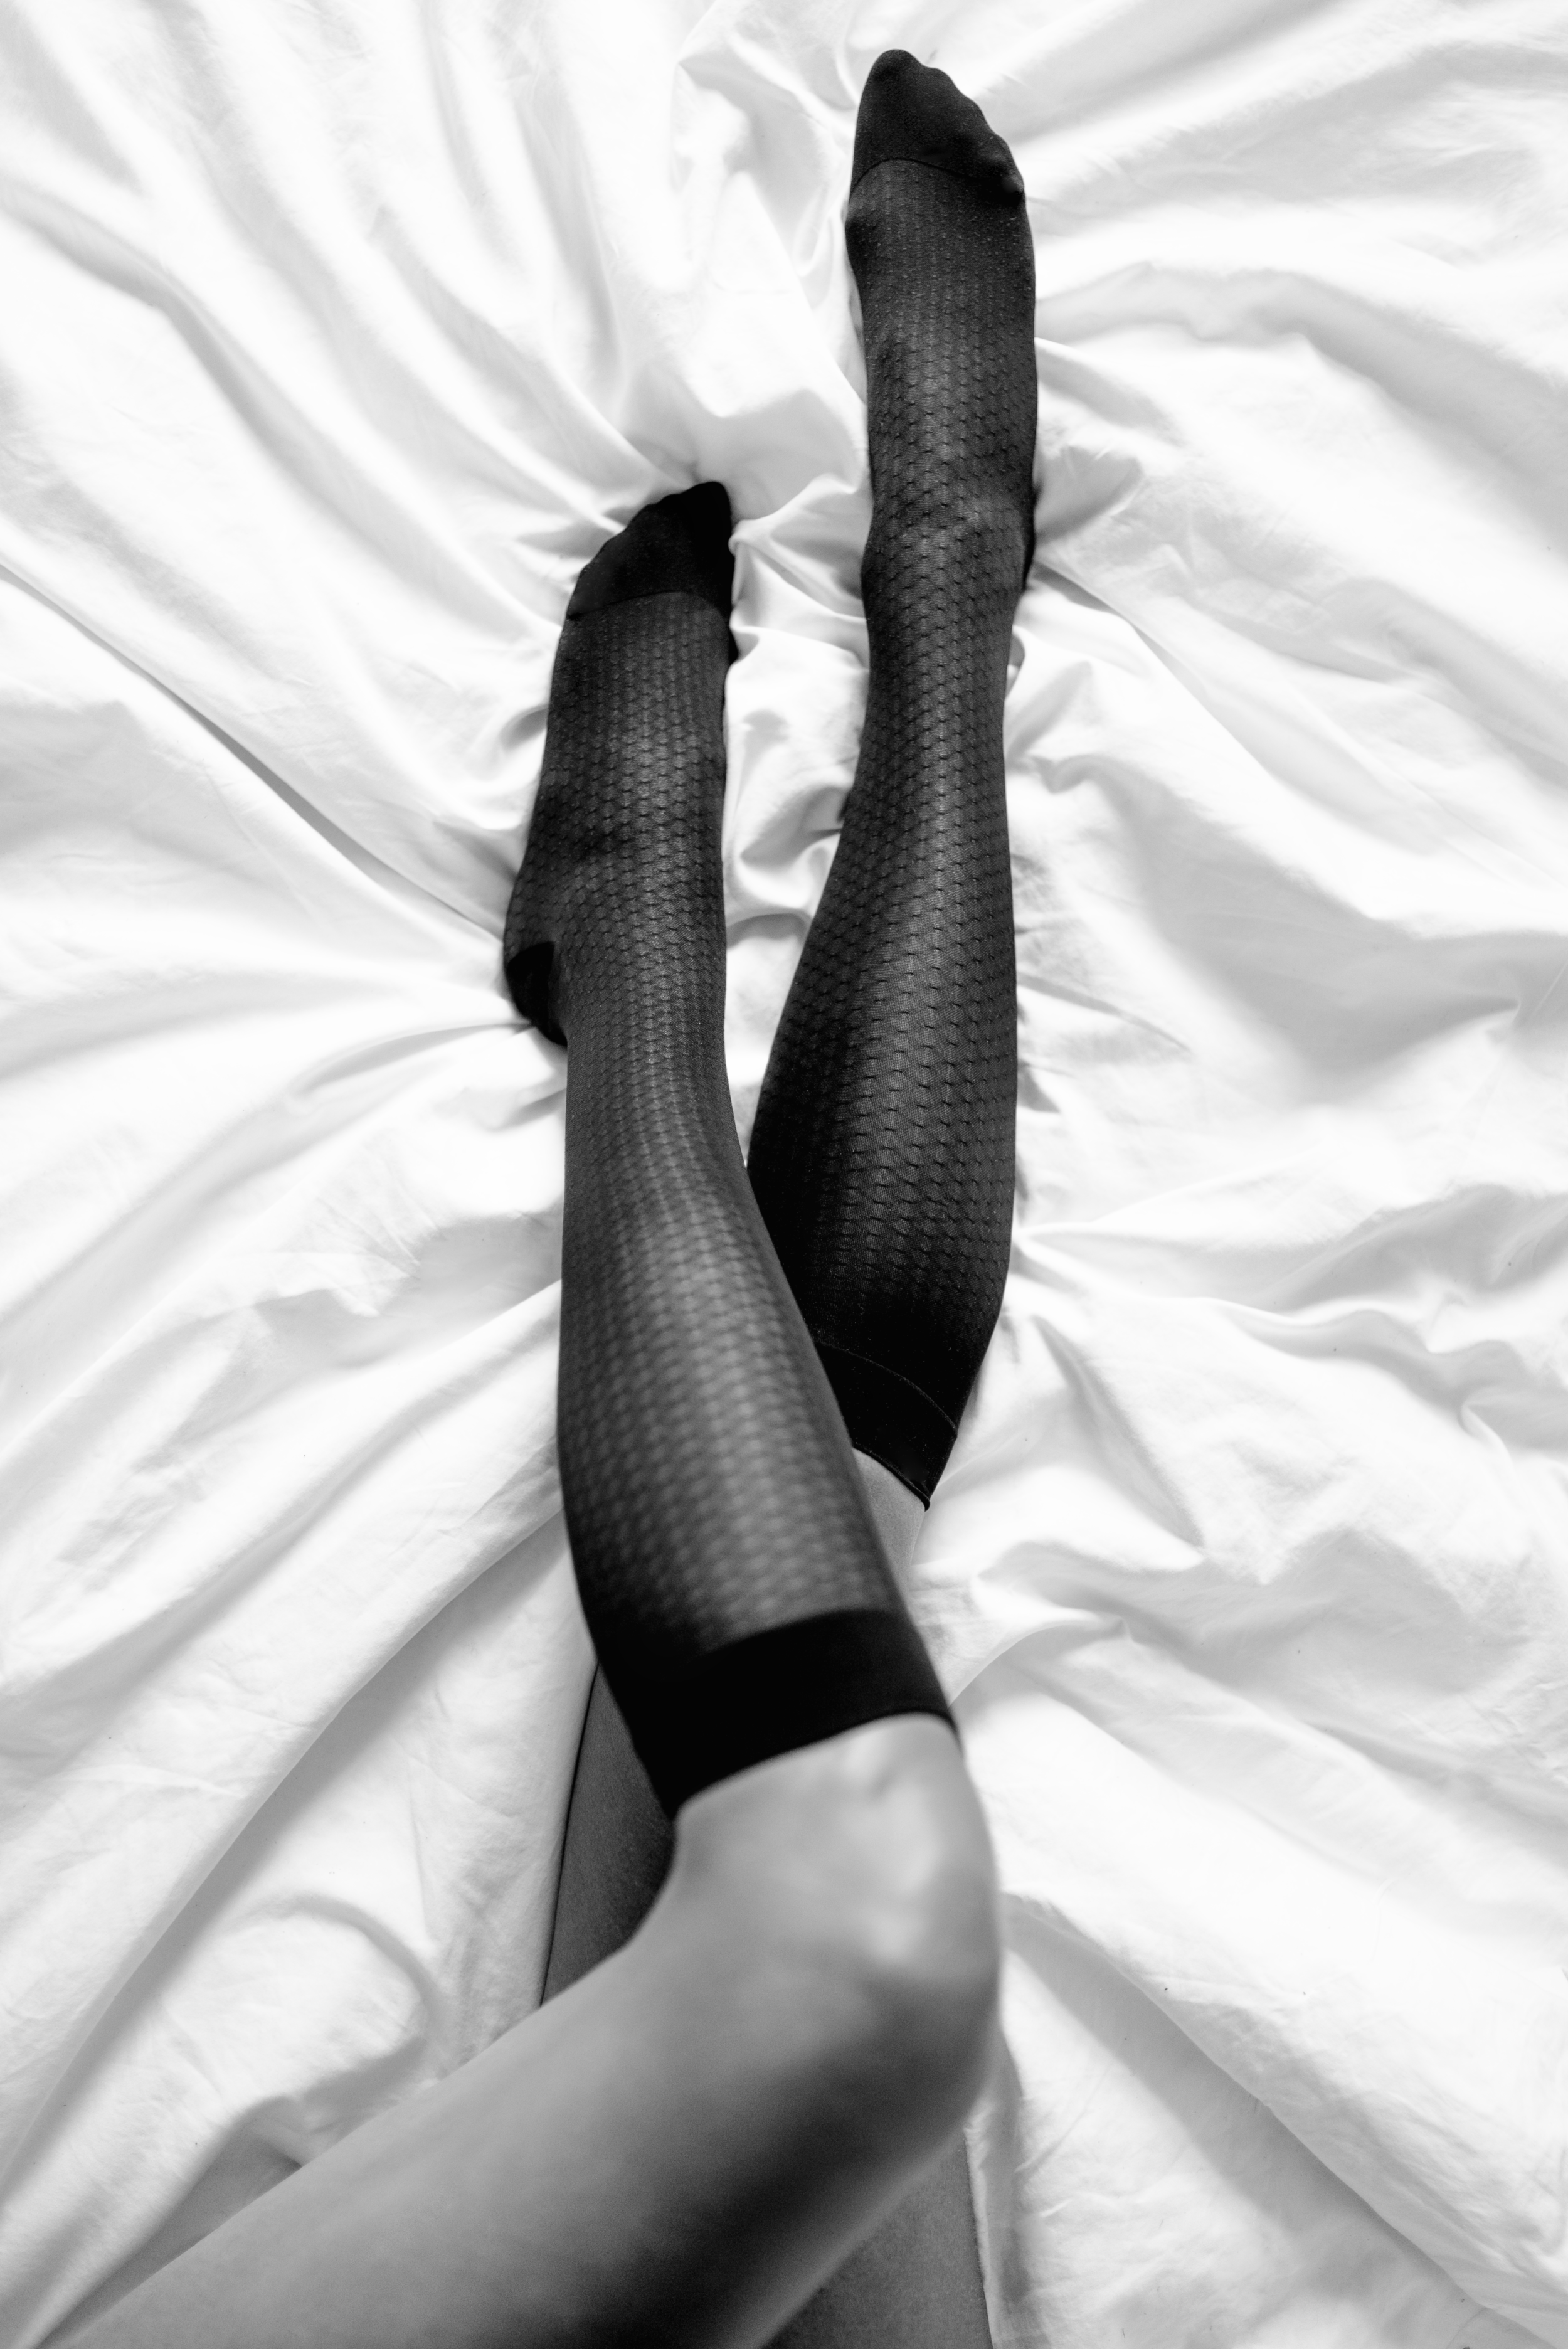 Foto: BeFifty / ©Sarah Willmeroth Foto: BeFifty / ©Sarah Willmeroth ITEM M6 Beine Kompression Blog für Frauen über 50 schlanke und gesunde Beine mit Kompressionsstrümpfen  Tights Invisible Women  Item M6 Tipps für Frauen über 40 und über 50. BeFifty Blog für Frauen über 40 und über 50.